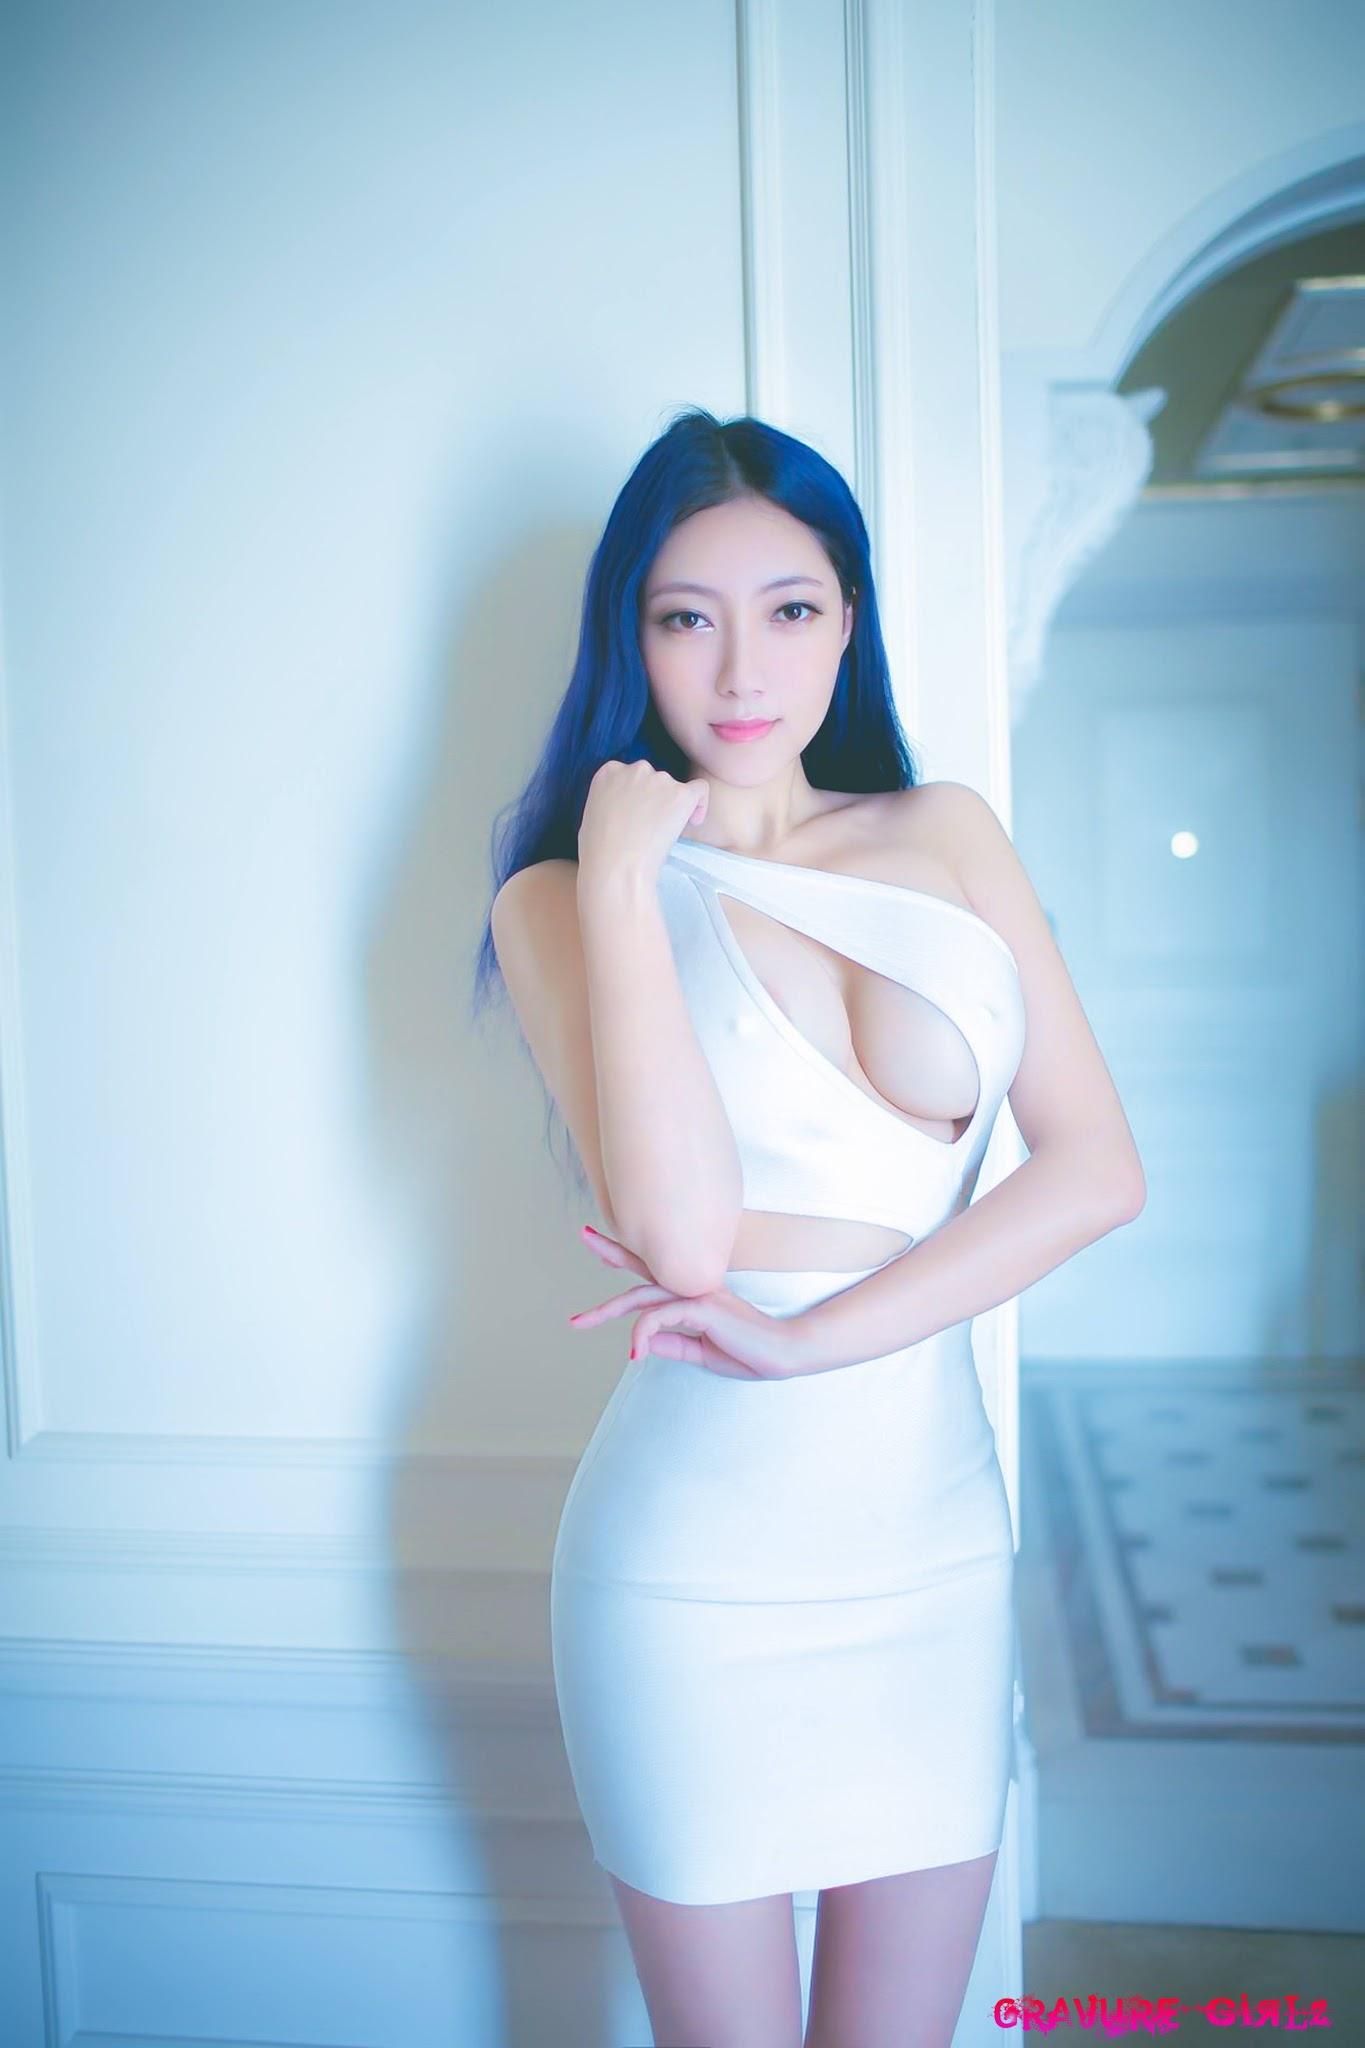 big boobs sex gifs